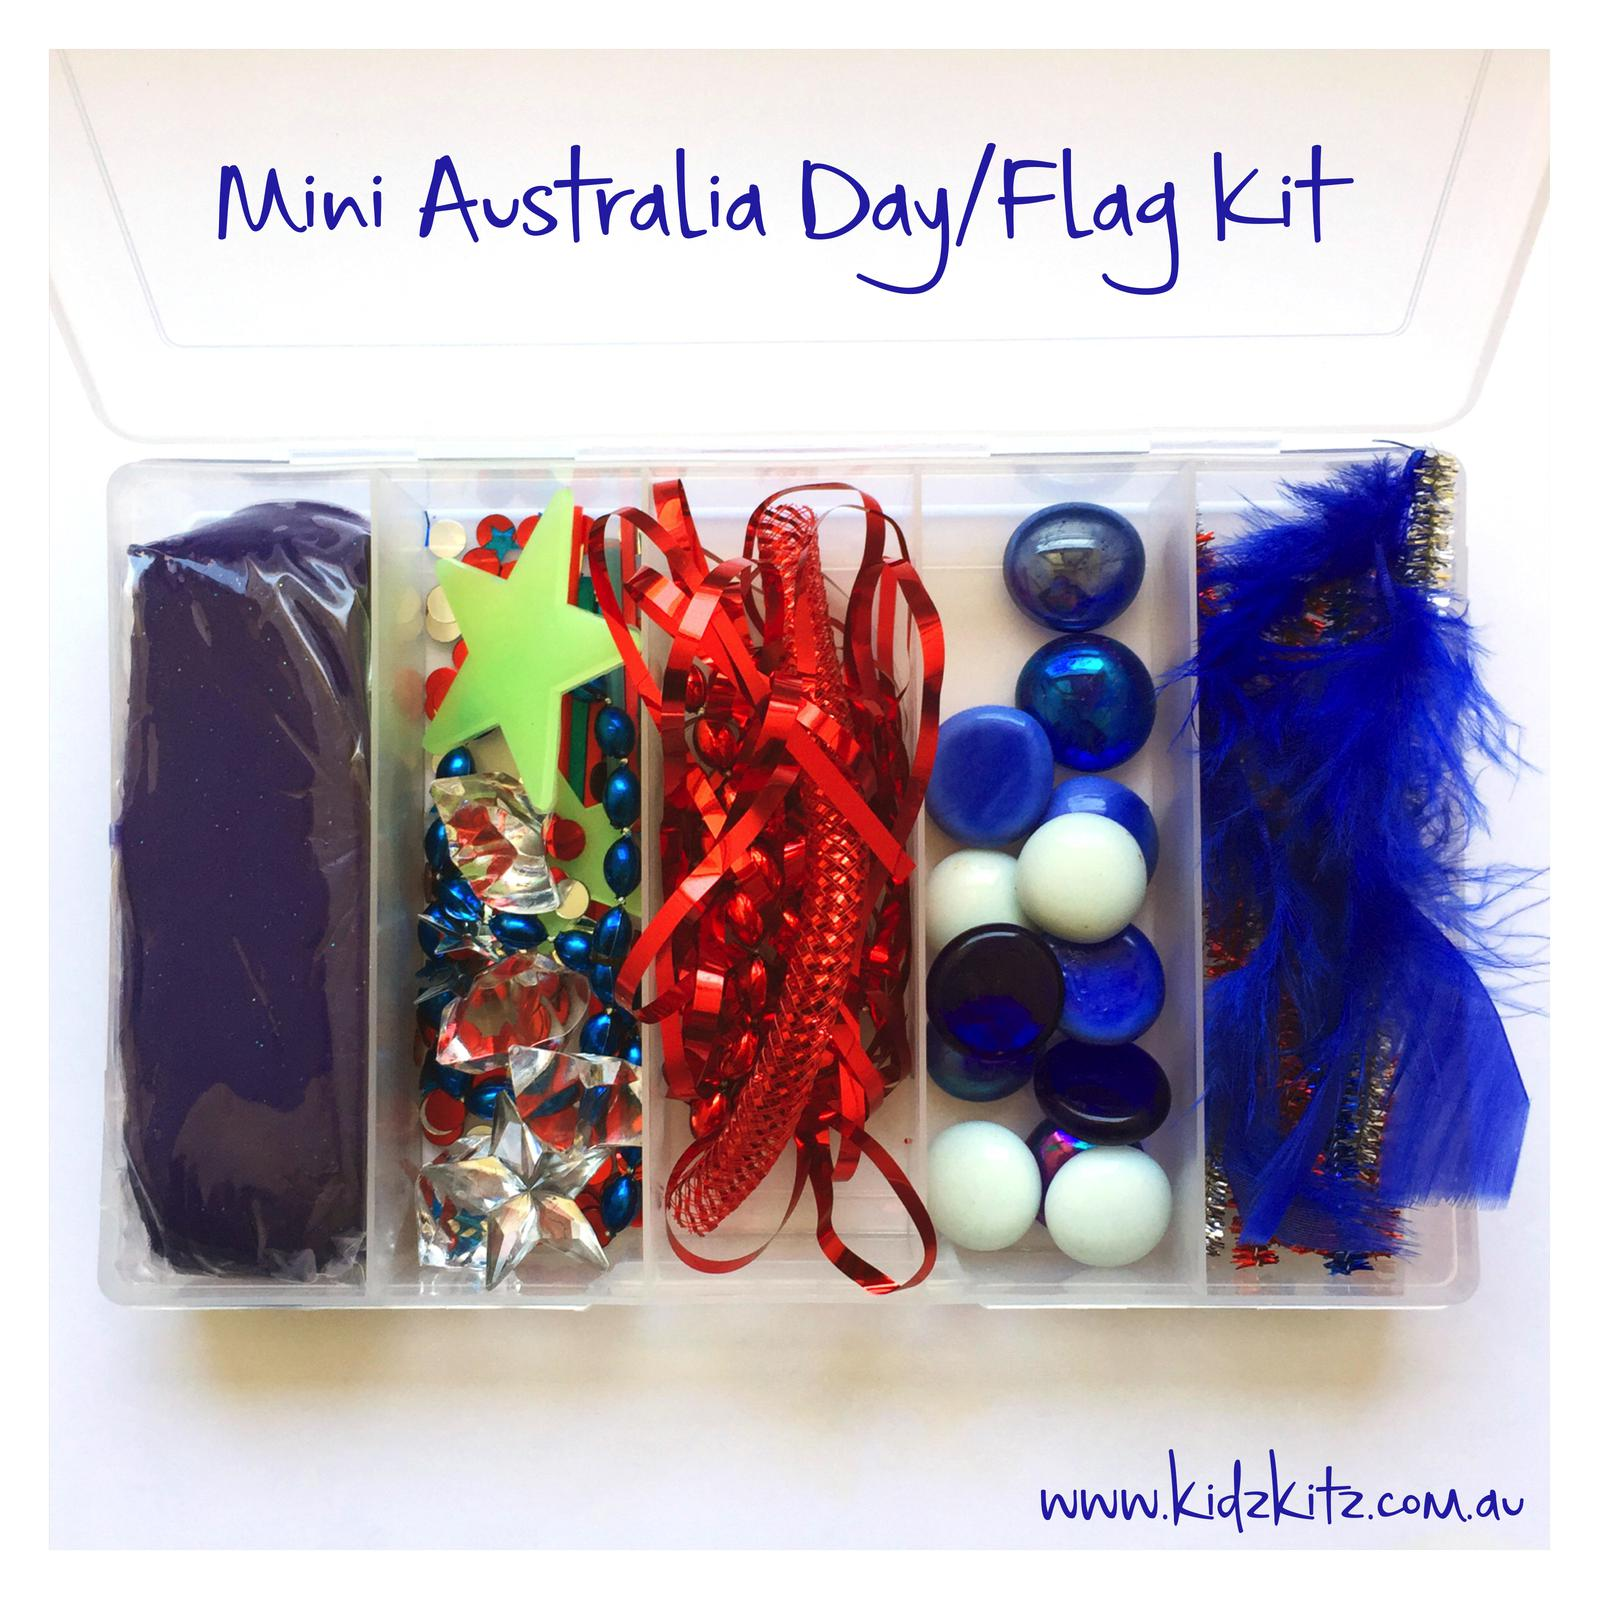 Mini Australia Day/Flag Kit